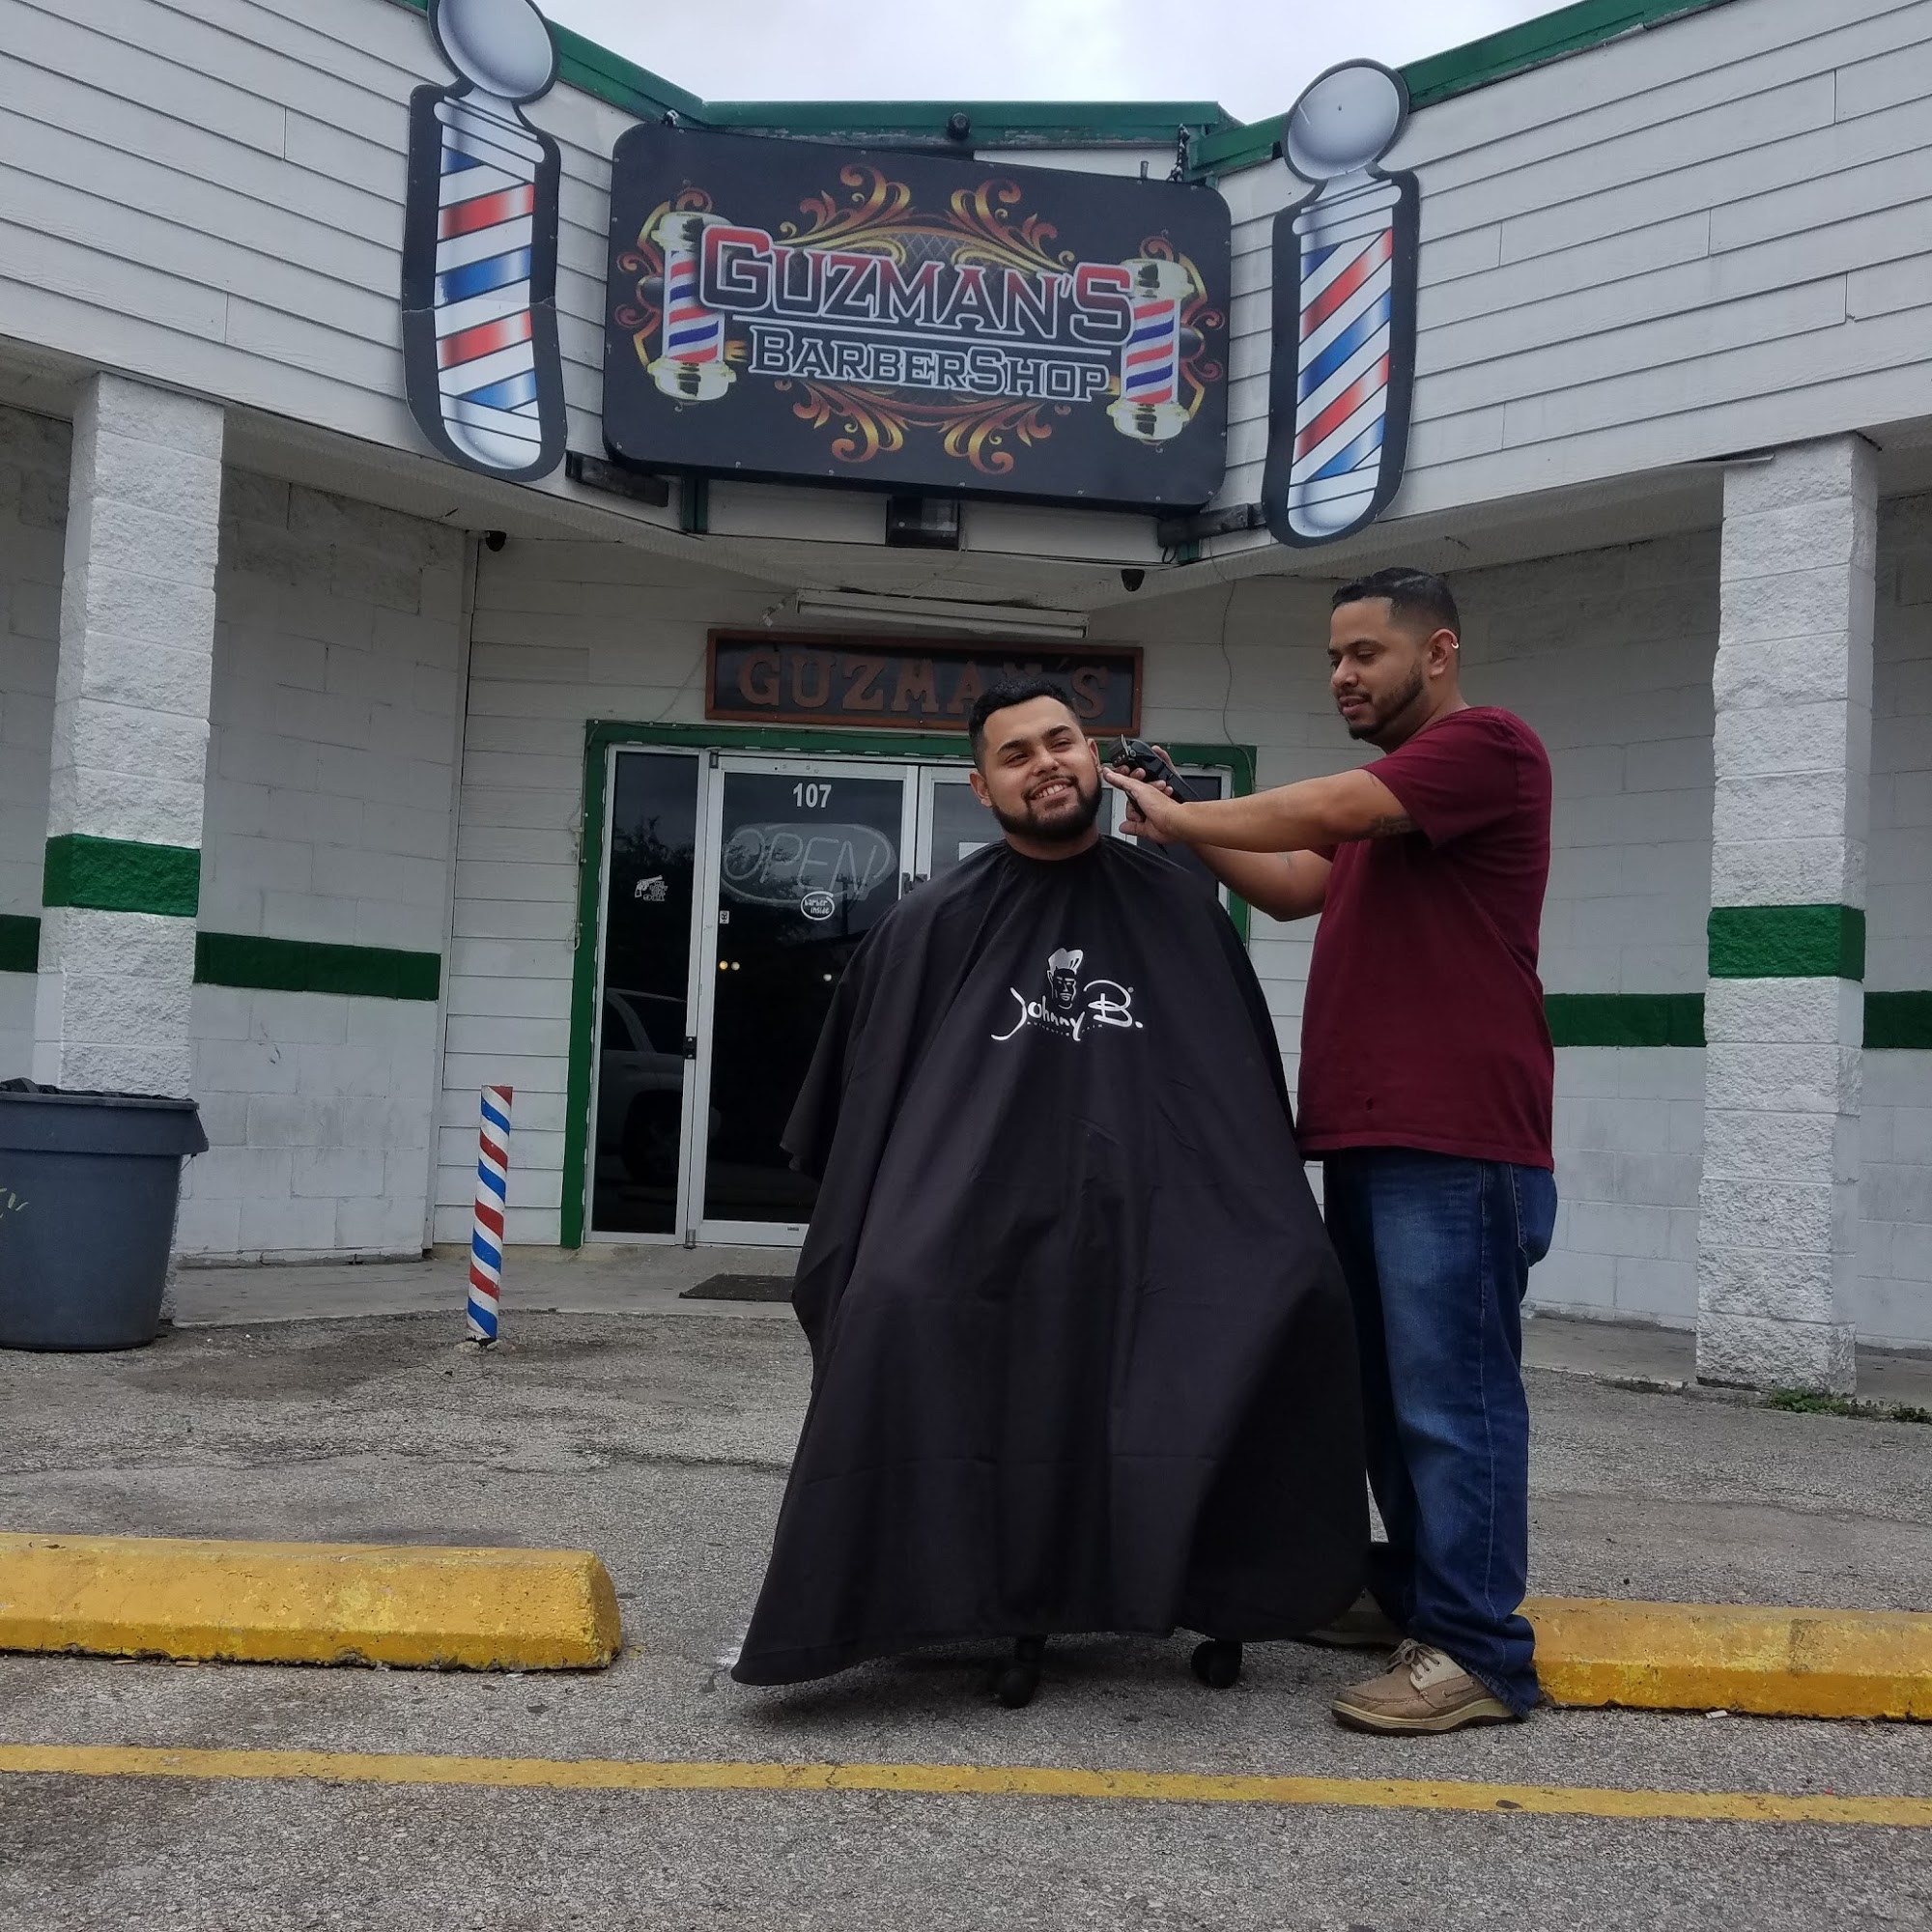 Guzman's Barber Shop 414 N General McMullen Dr, San Antonio